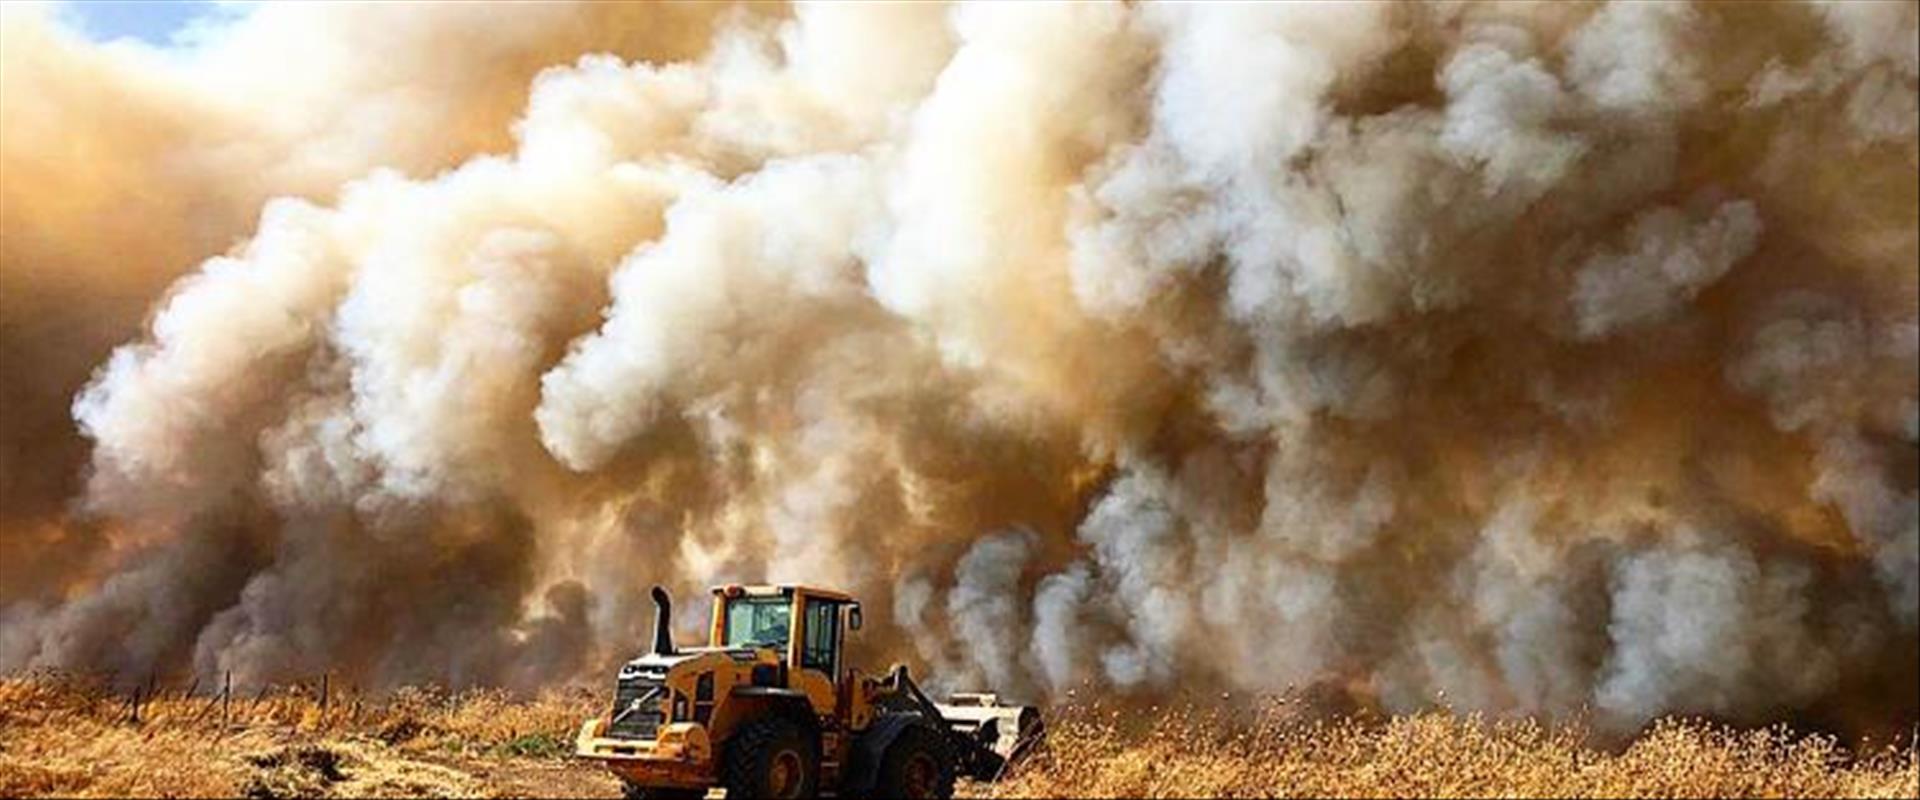 200 000  tonnes de produits agricoles perdues à cause de la criminalité agricole